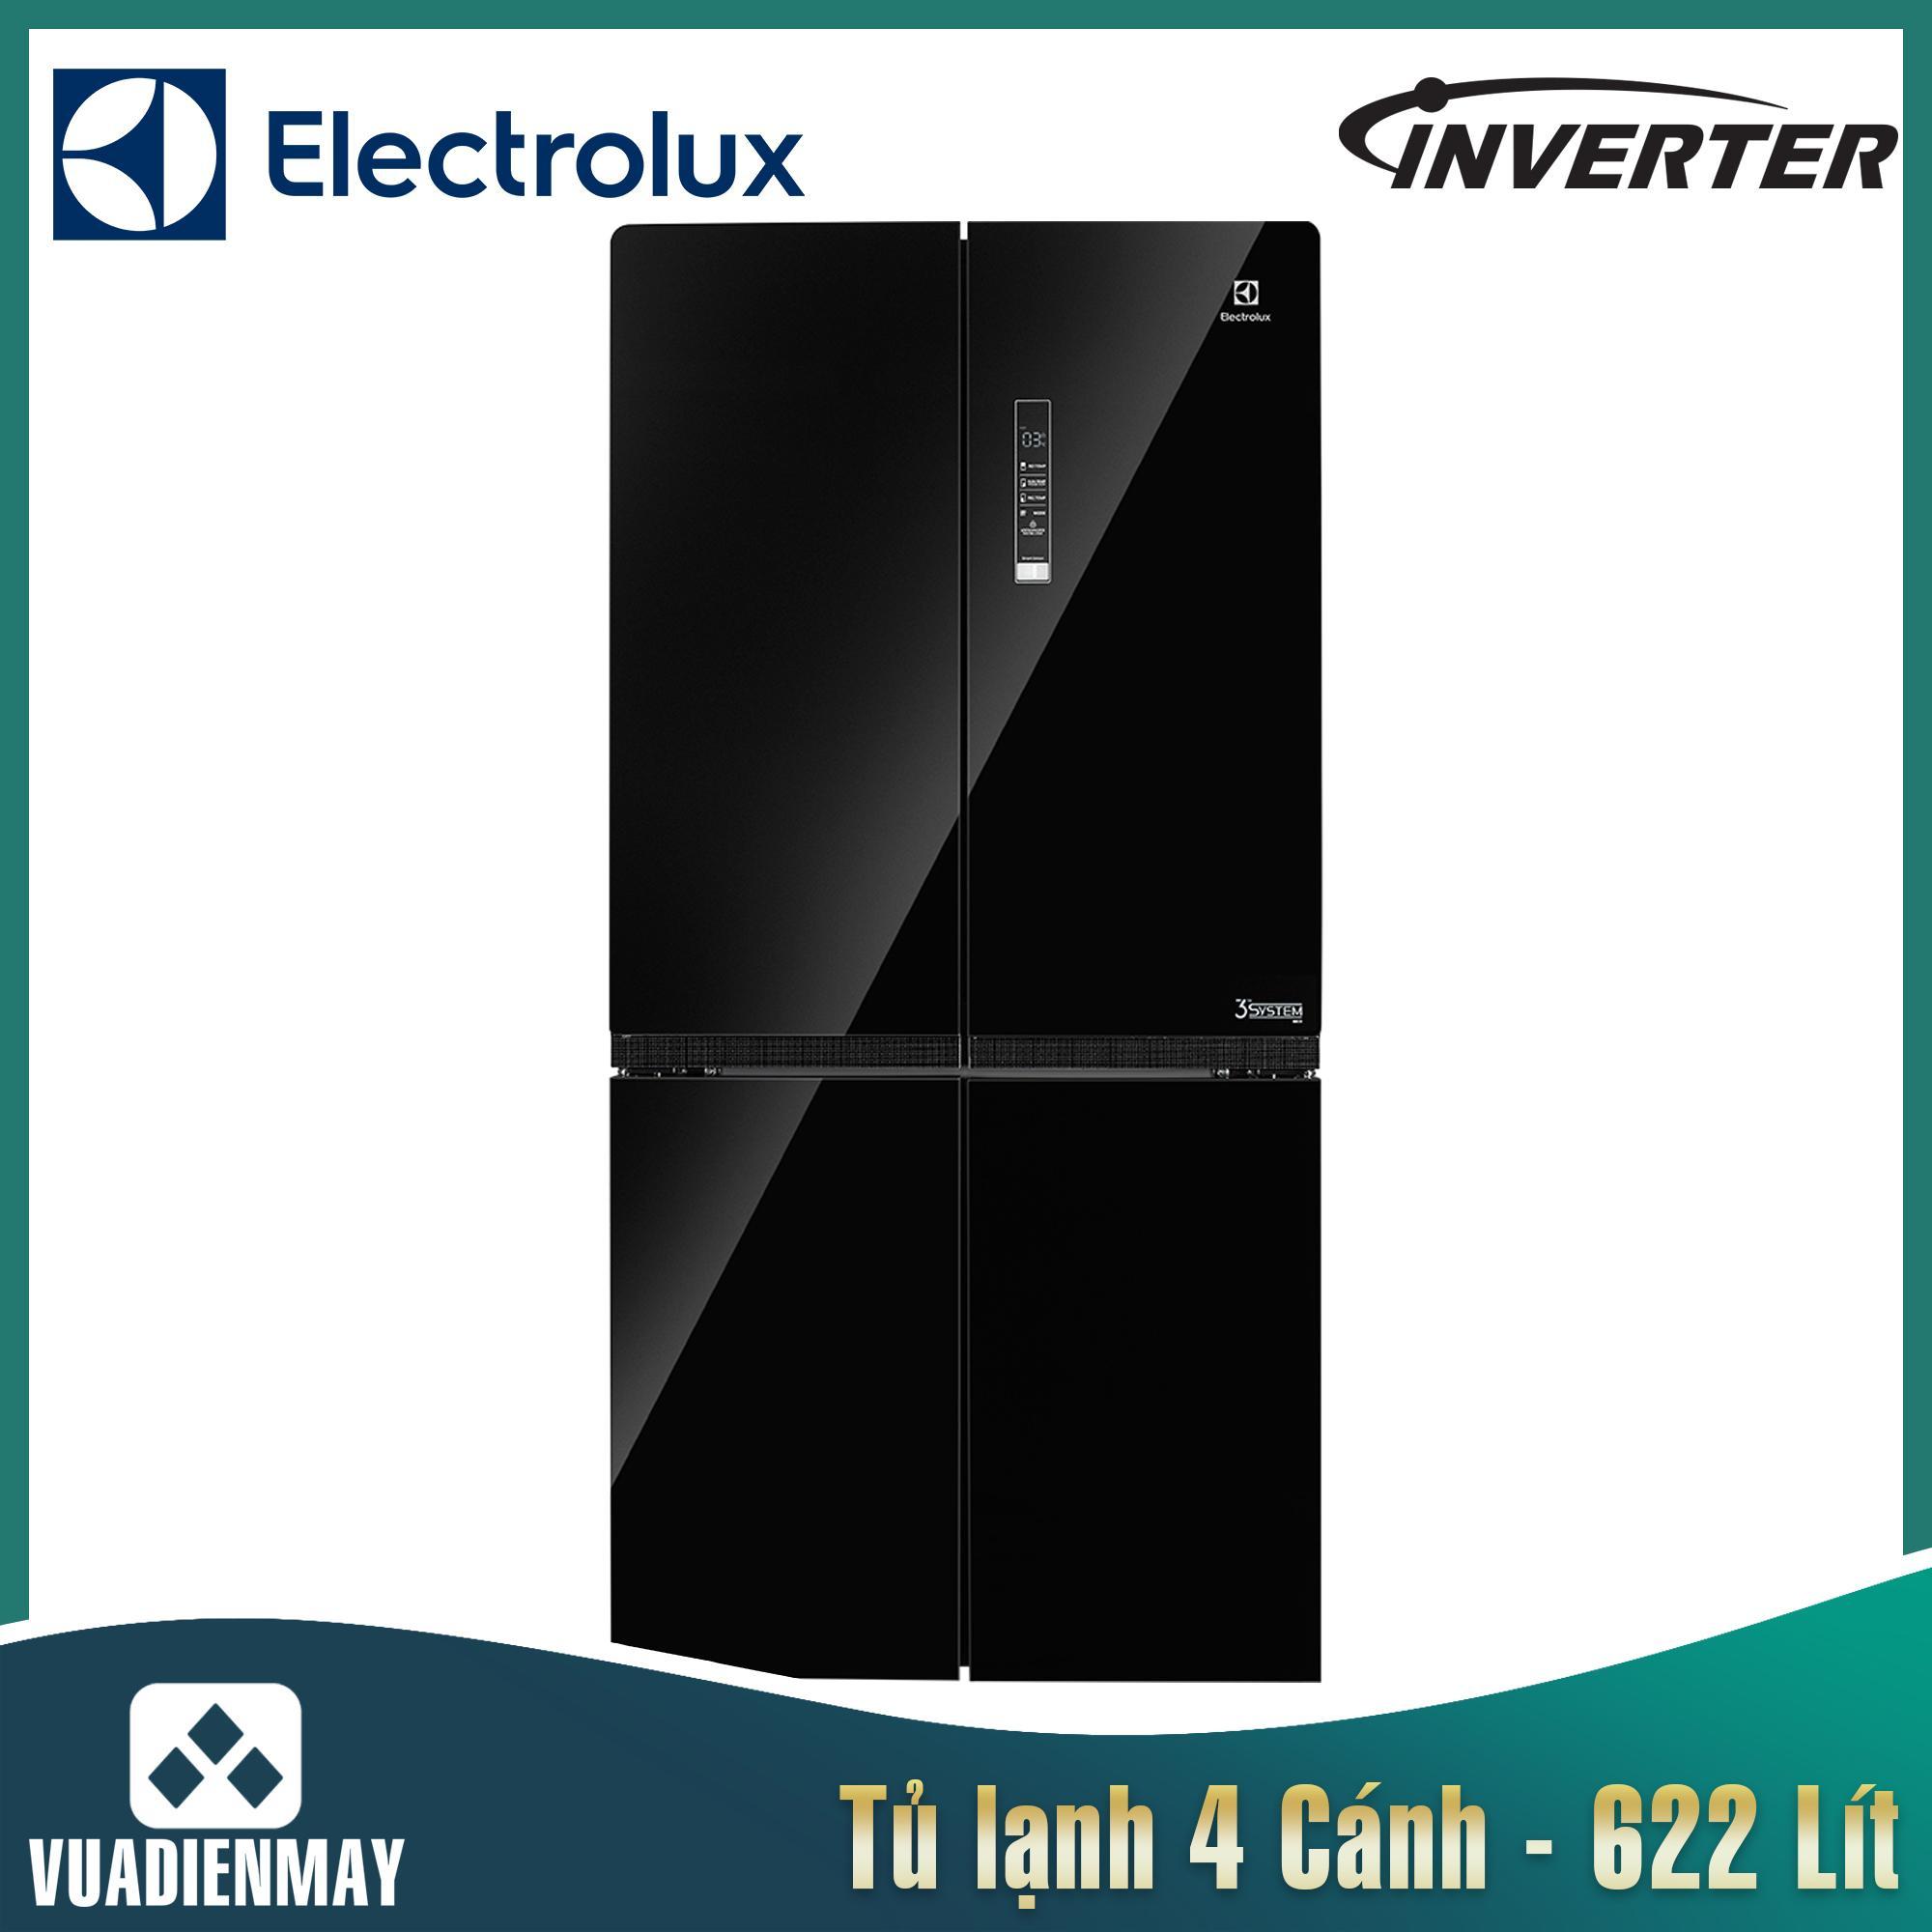 Tủ lạnh Electrolux inverter 622 lít